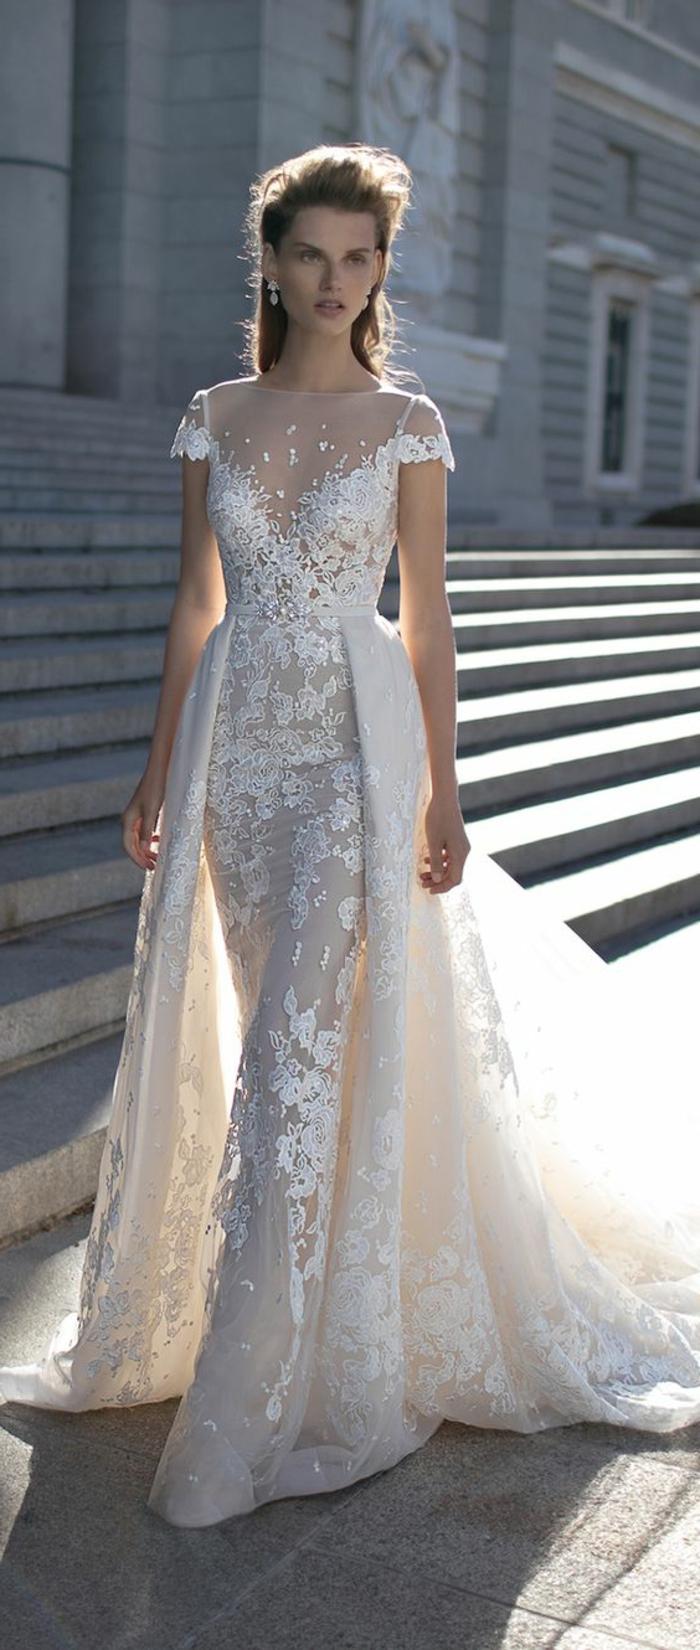 robe de mariée colorée, bustier chiffonn broderie originale et manches courtes